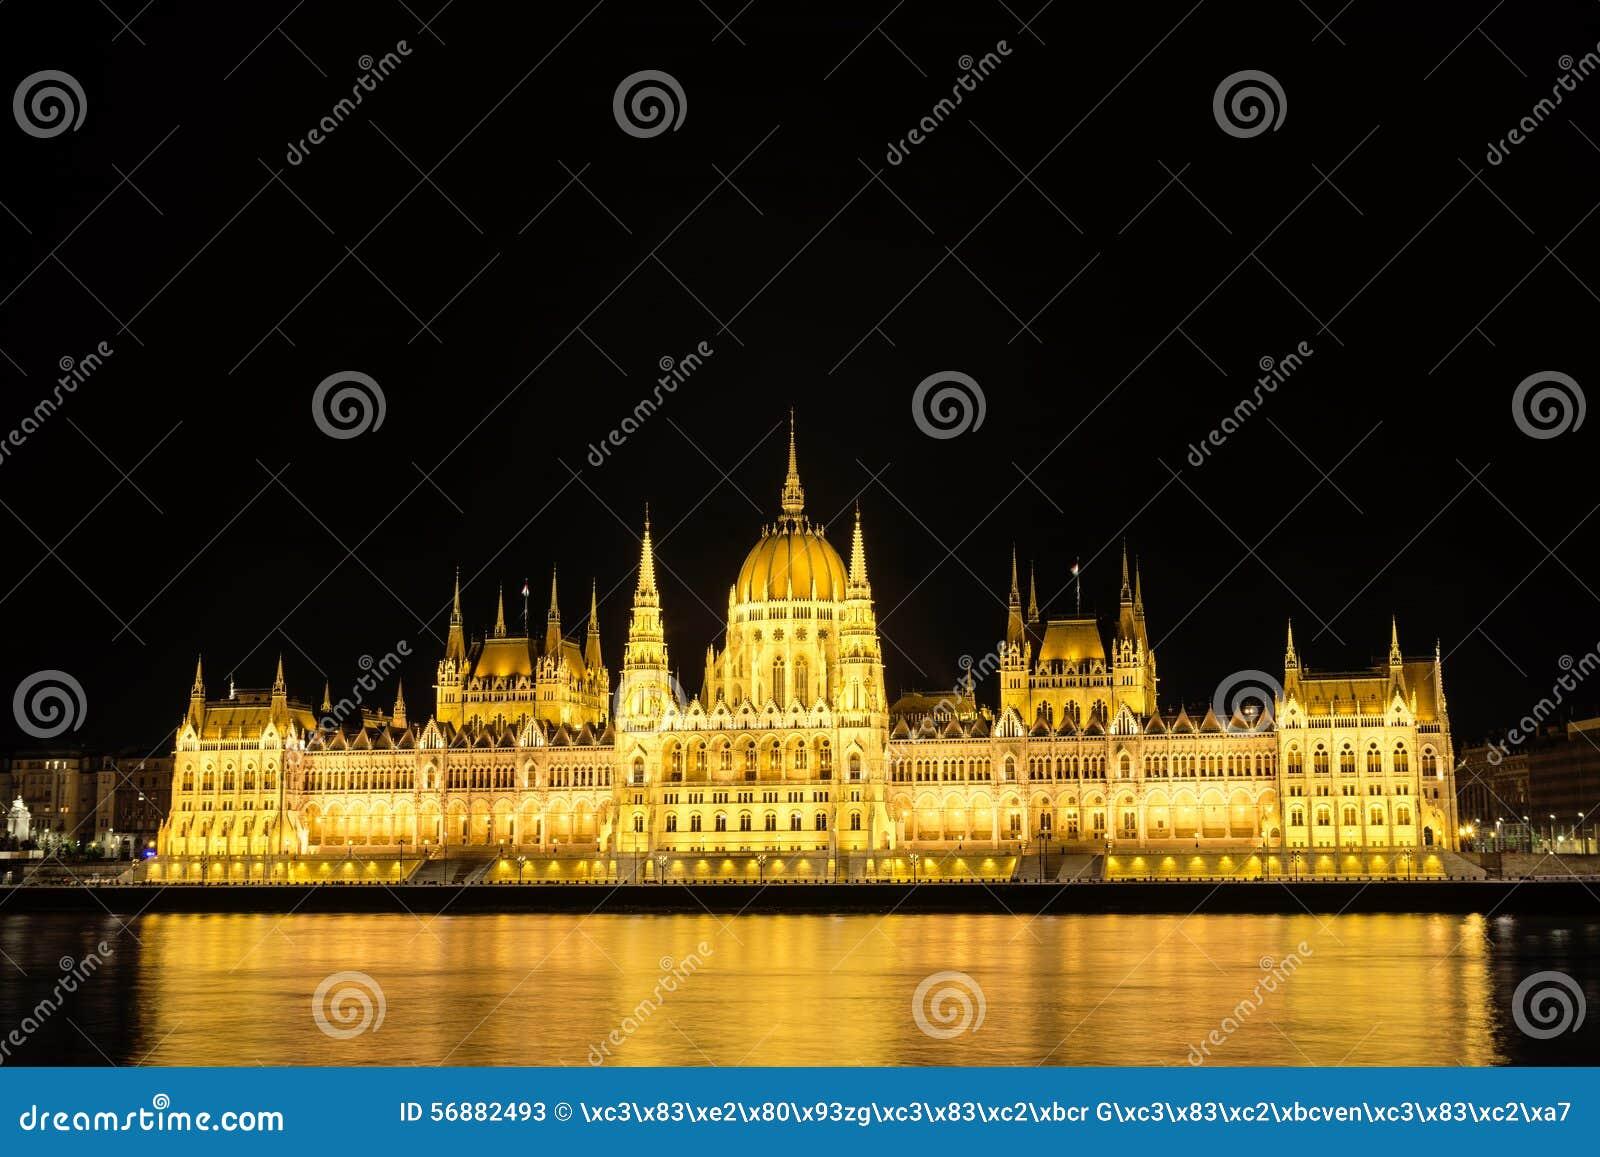 Costruzione ungherese del Parlamento, Budapest, Ungheria